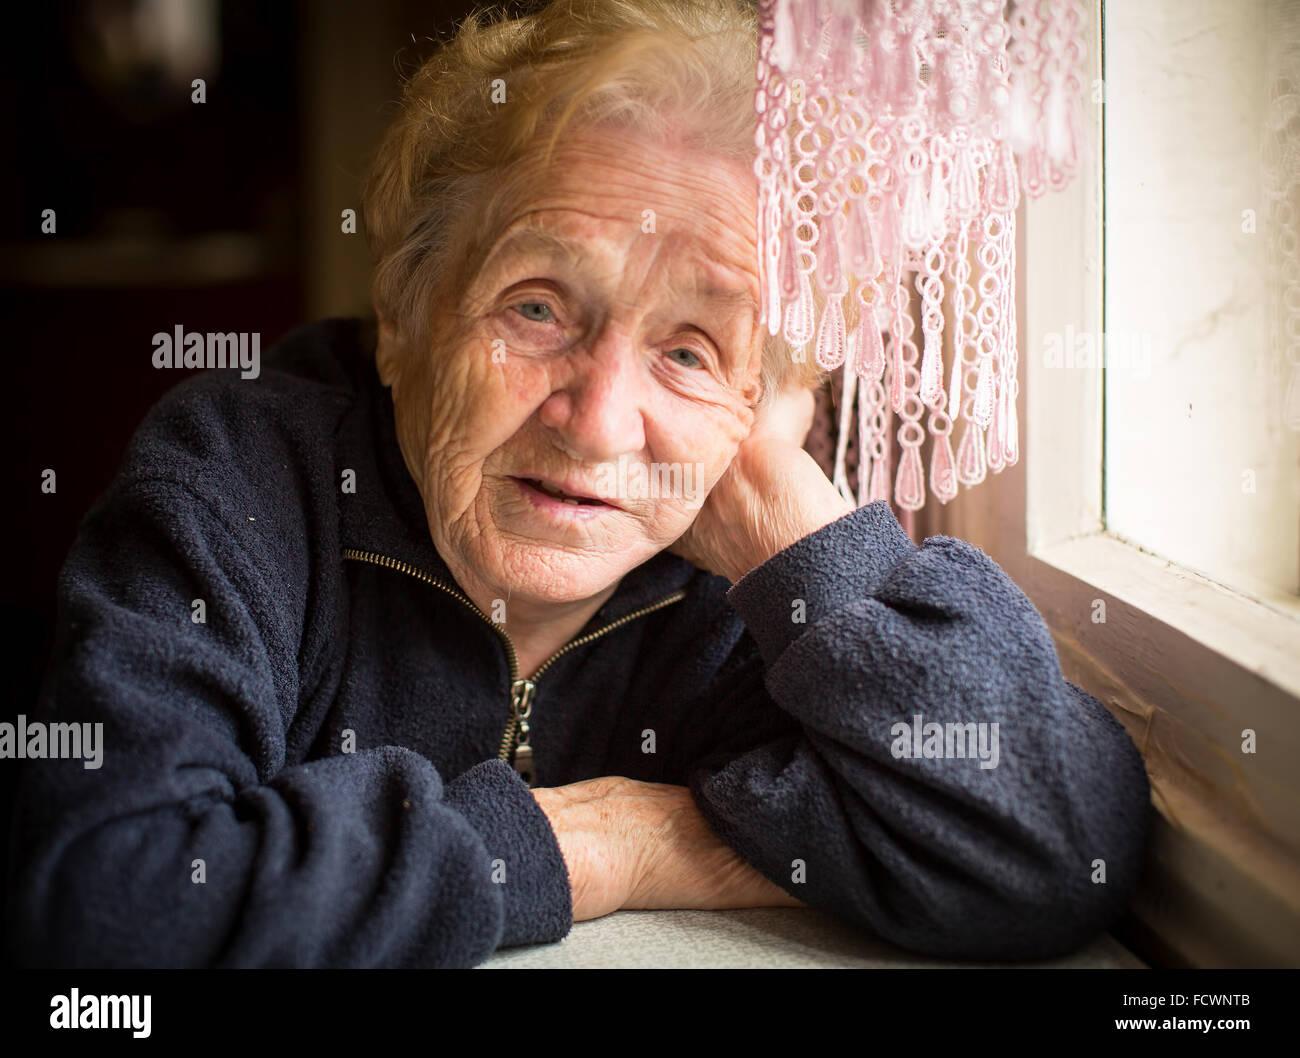 Eine ältere Frau sitzt in der Nähe des Fensters. Stockbild